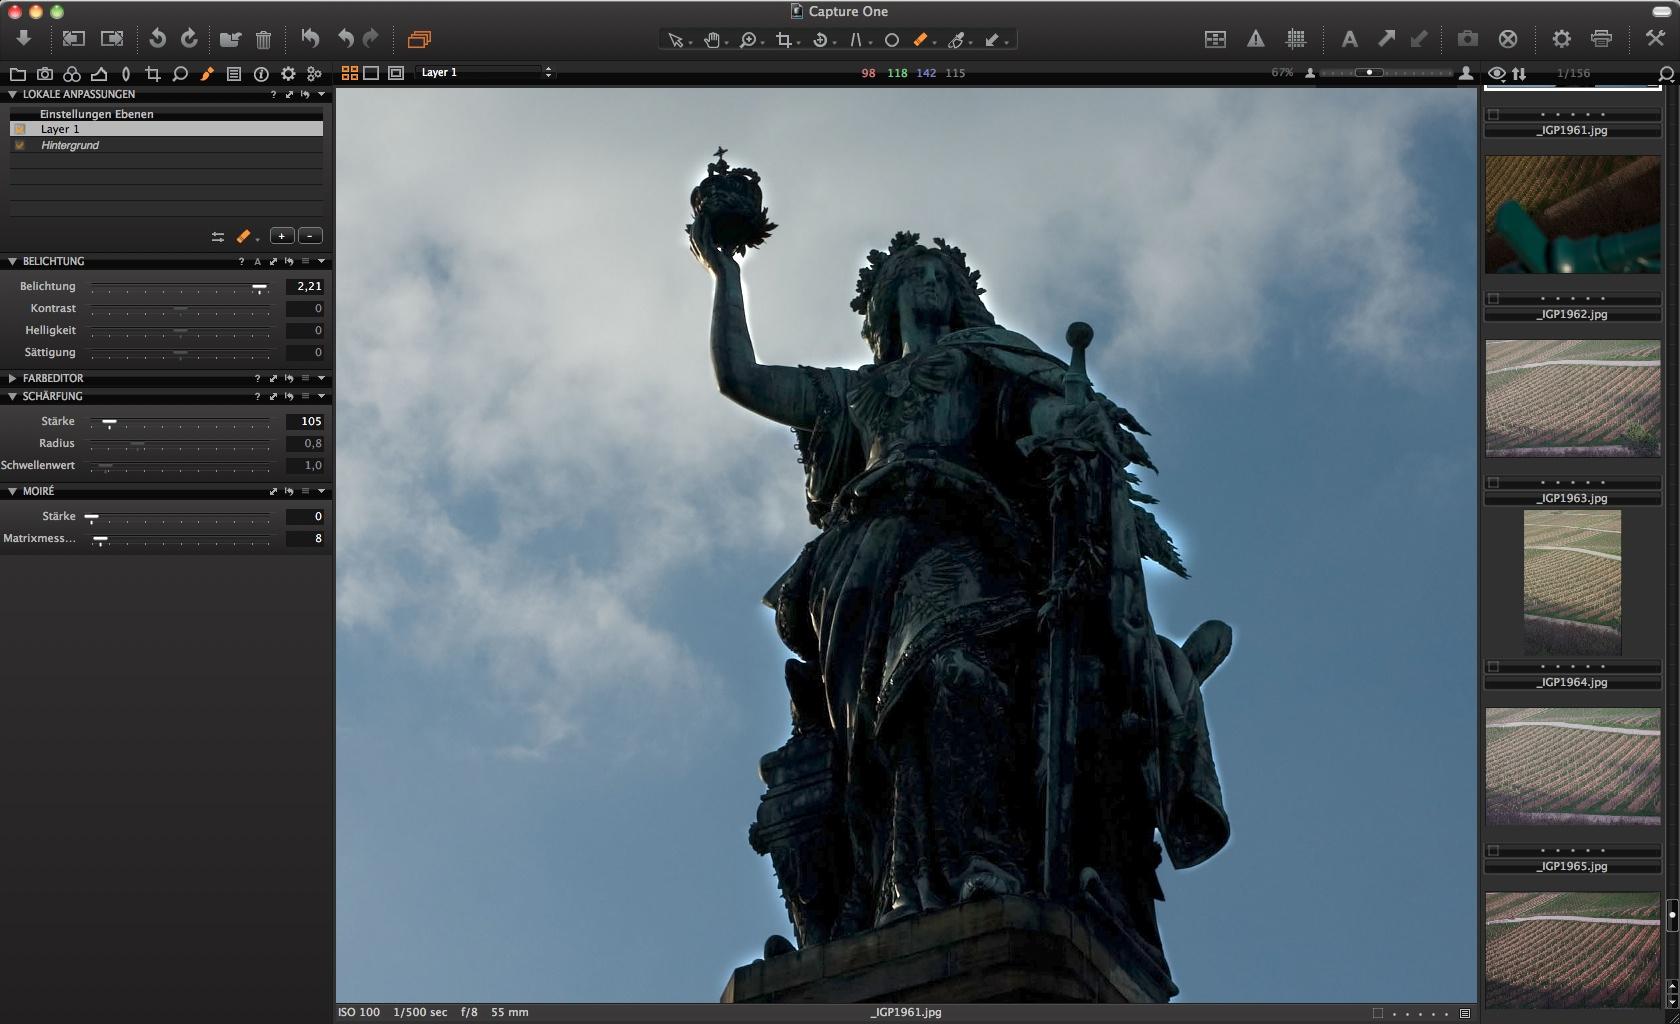 Capture One: Rohdatenentwickler mit Perspektivkorrektur - Phase One Capture One - lokale Korrektur (nachher)  (Foto: Andreas Donath)